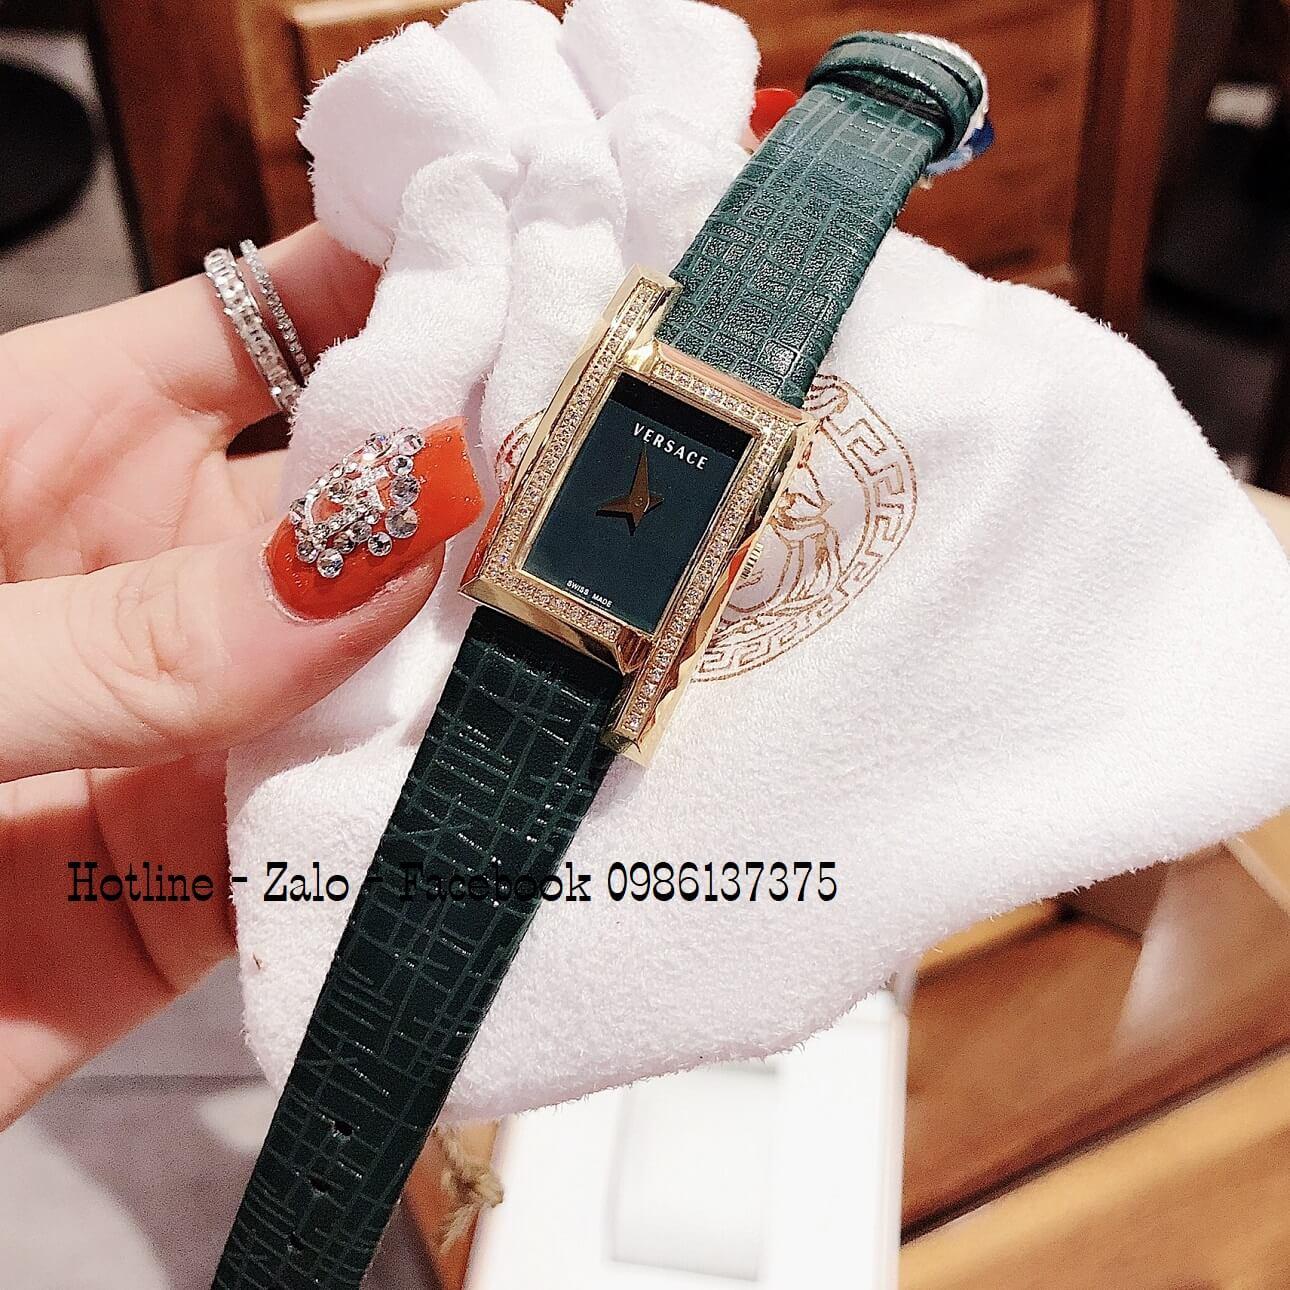 Đồng Hồ Nữ Versace Greca Icon Dây Da Xanh Đính Đá 39x21mm